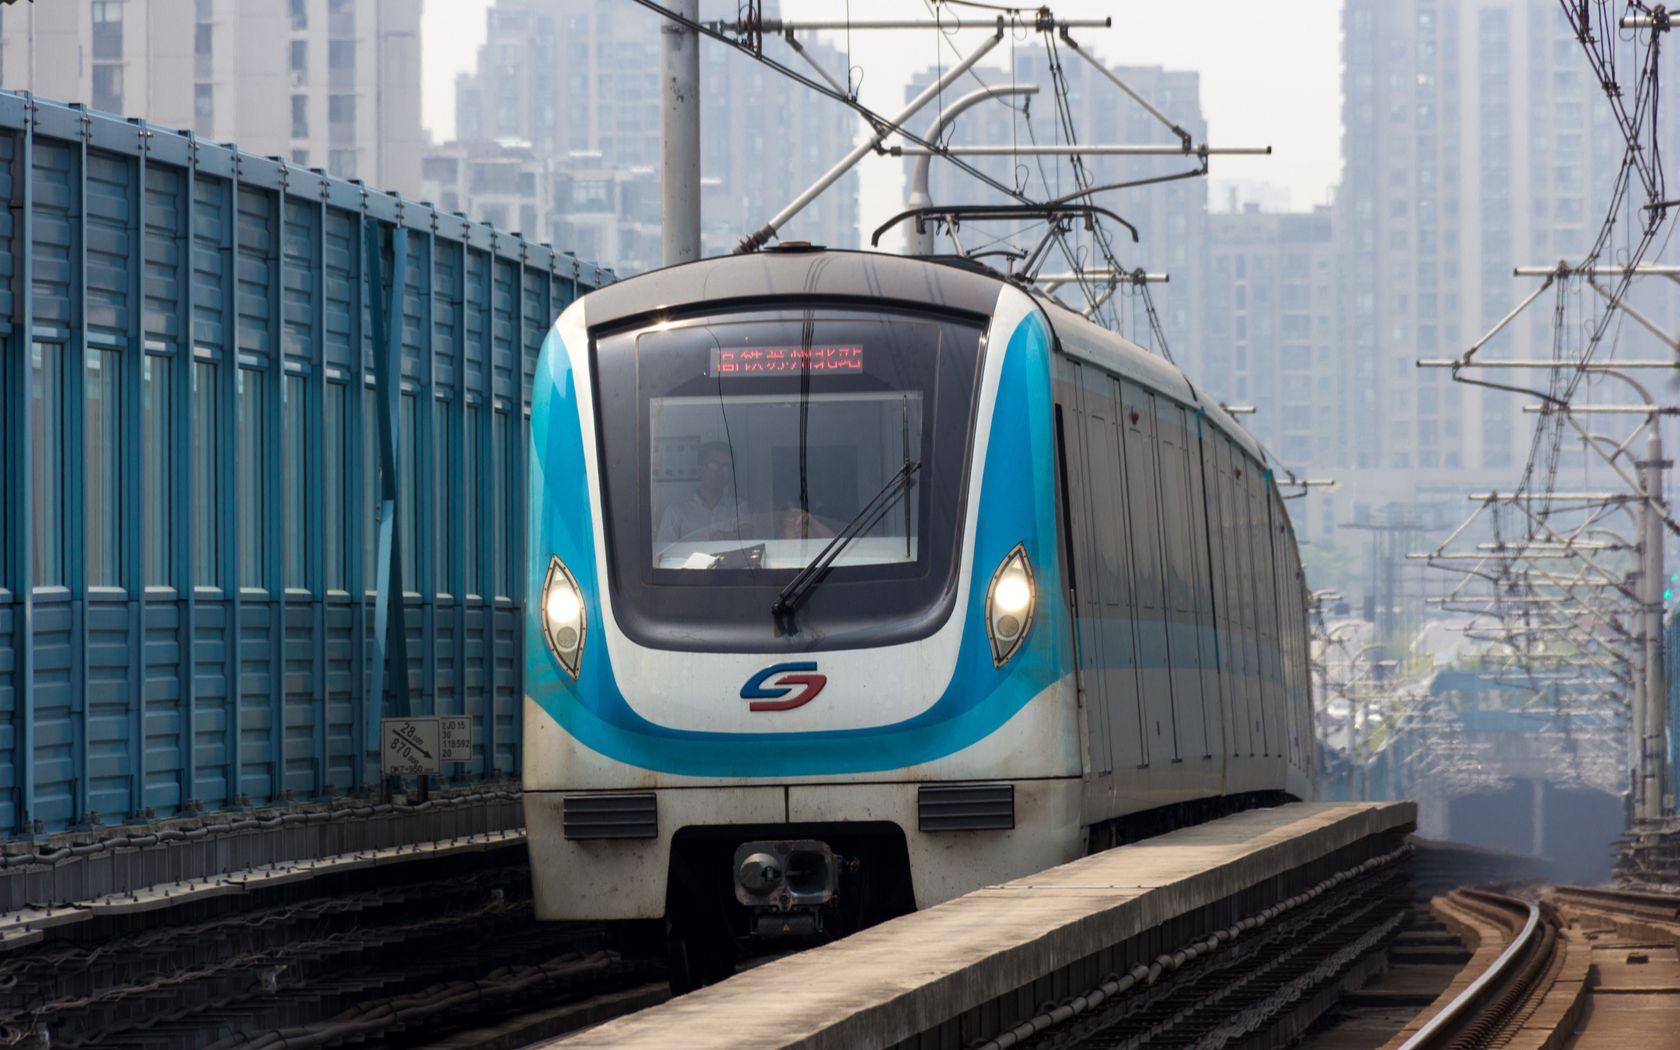 【地铁pov】红色的线路蓝色的车身?-----苏州轨道交通2号线前方展望图片